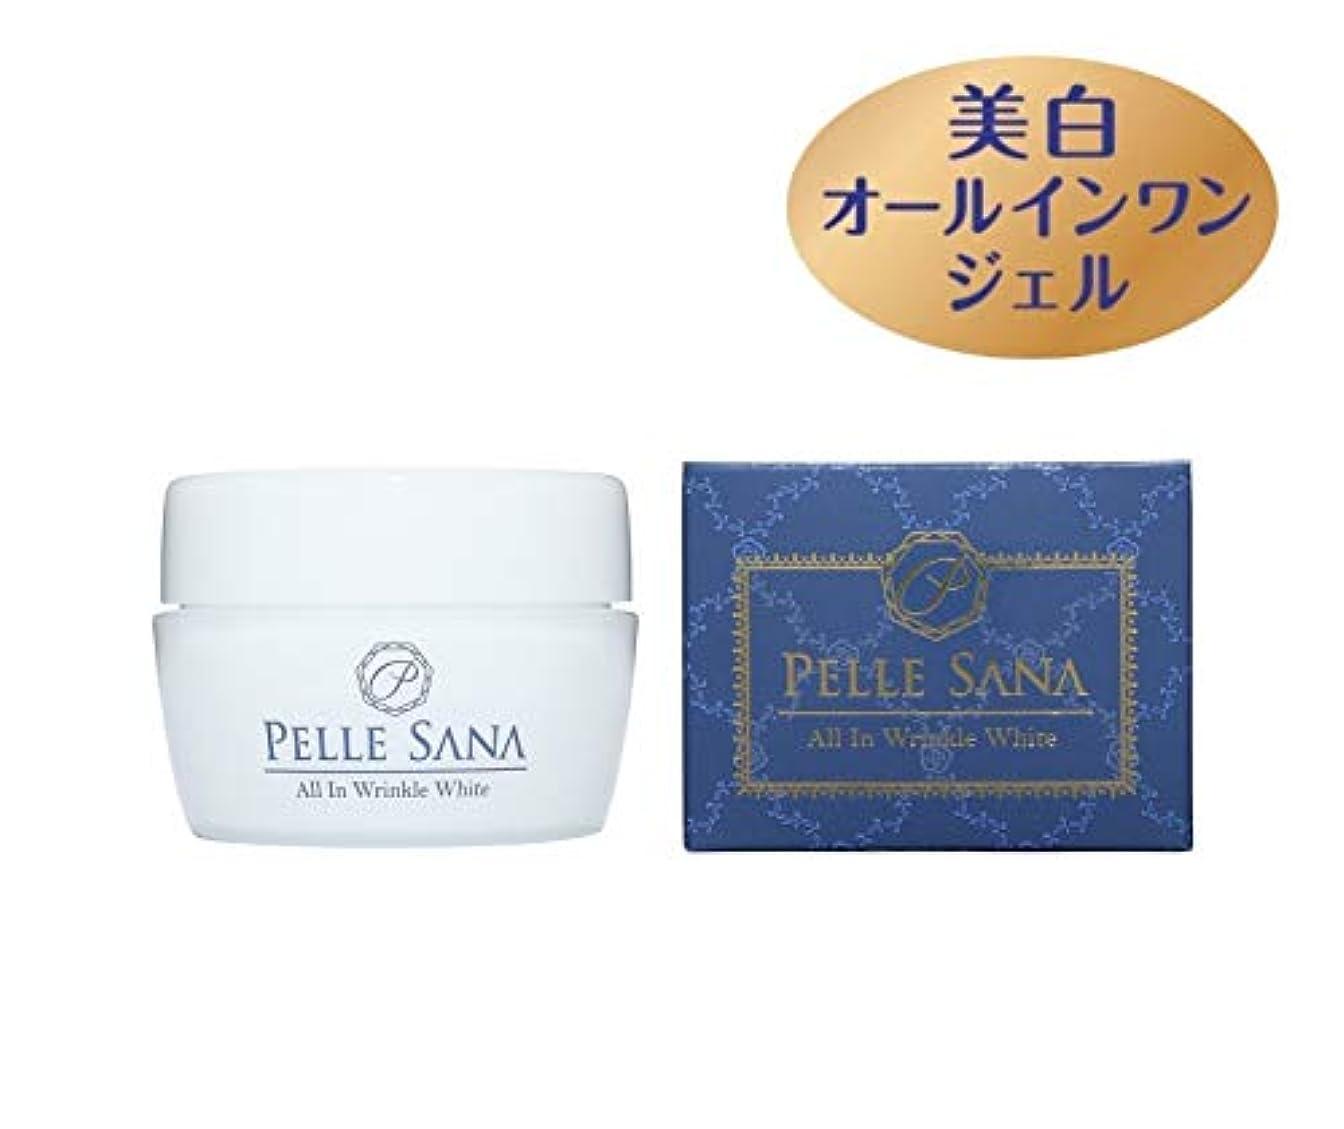 モーター祝福するキャンバス【薬用オールインワンジェル】PELLE SANA (ペレサナ) All In Winkle White 100g